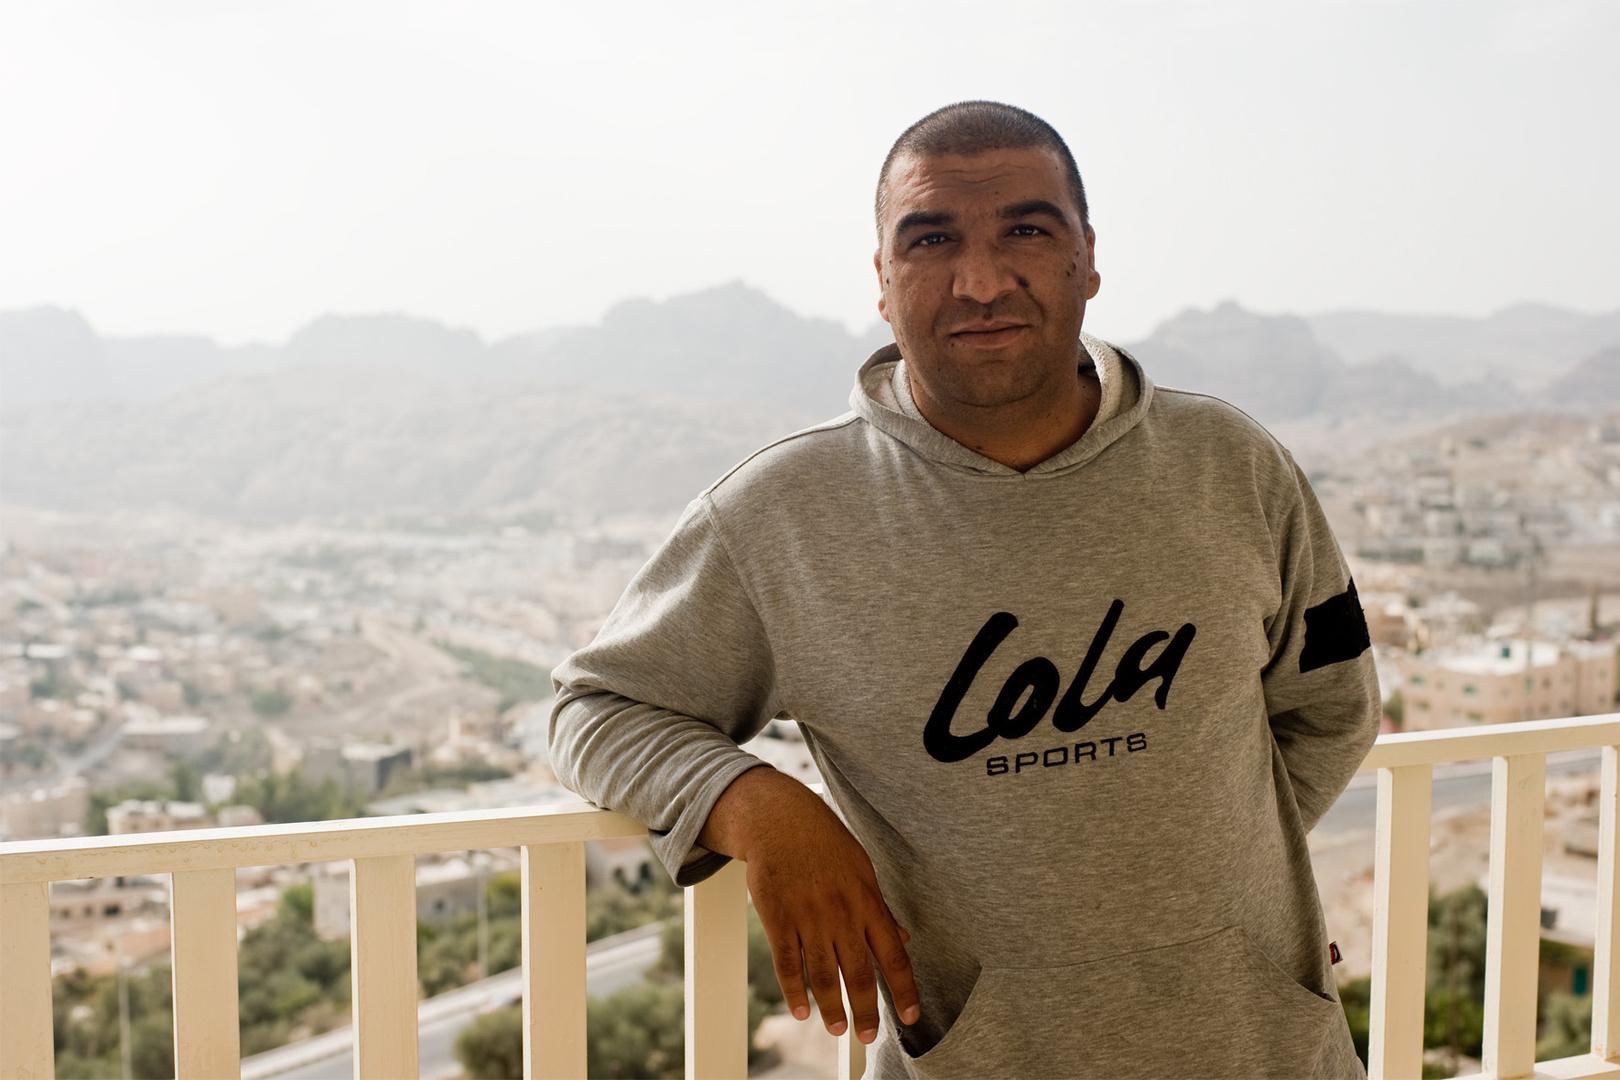 Omar Hamadeen